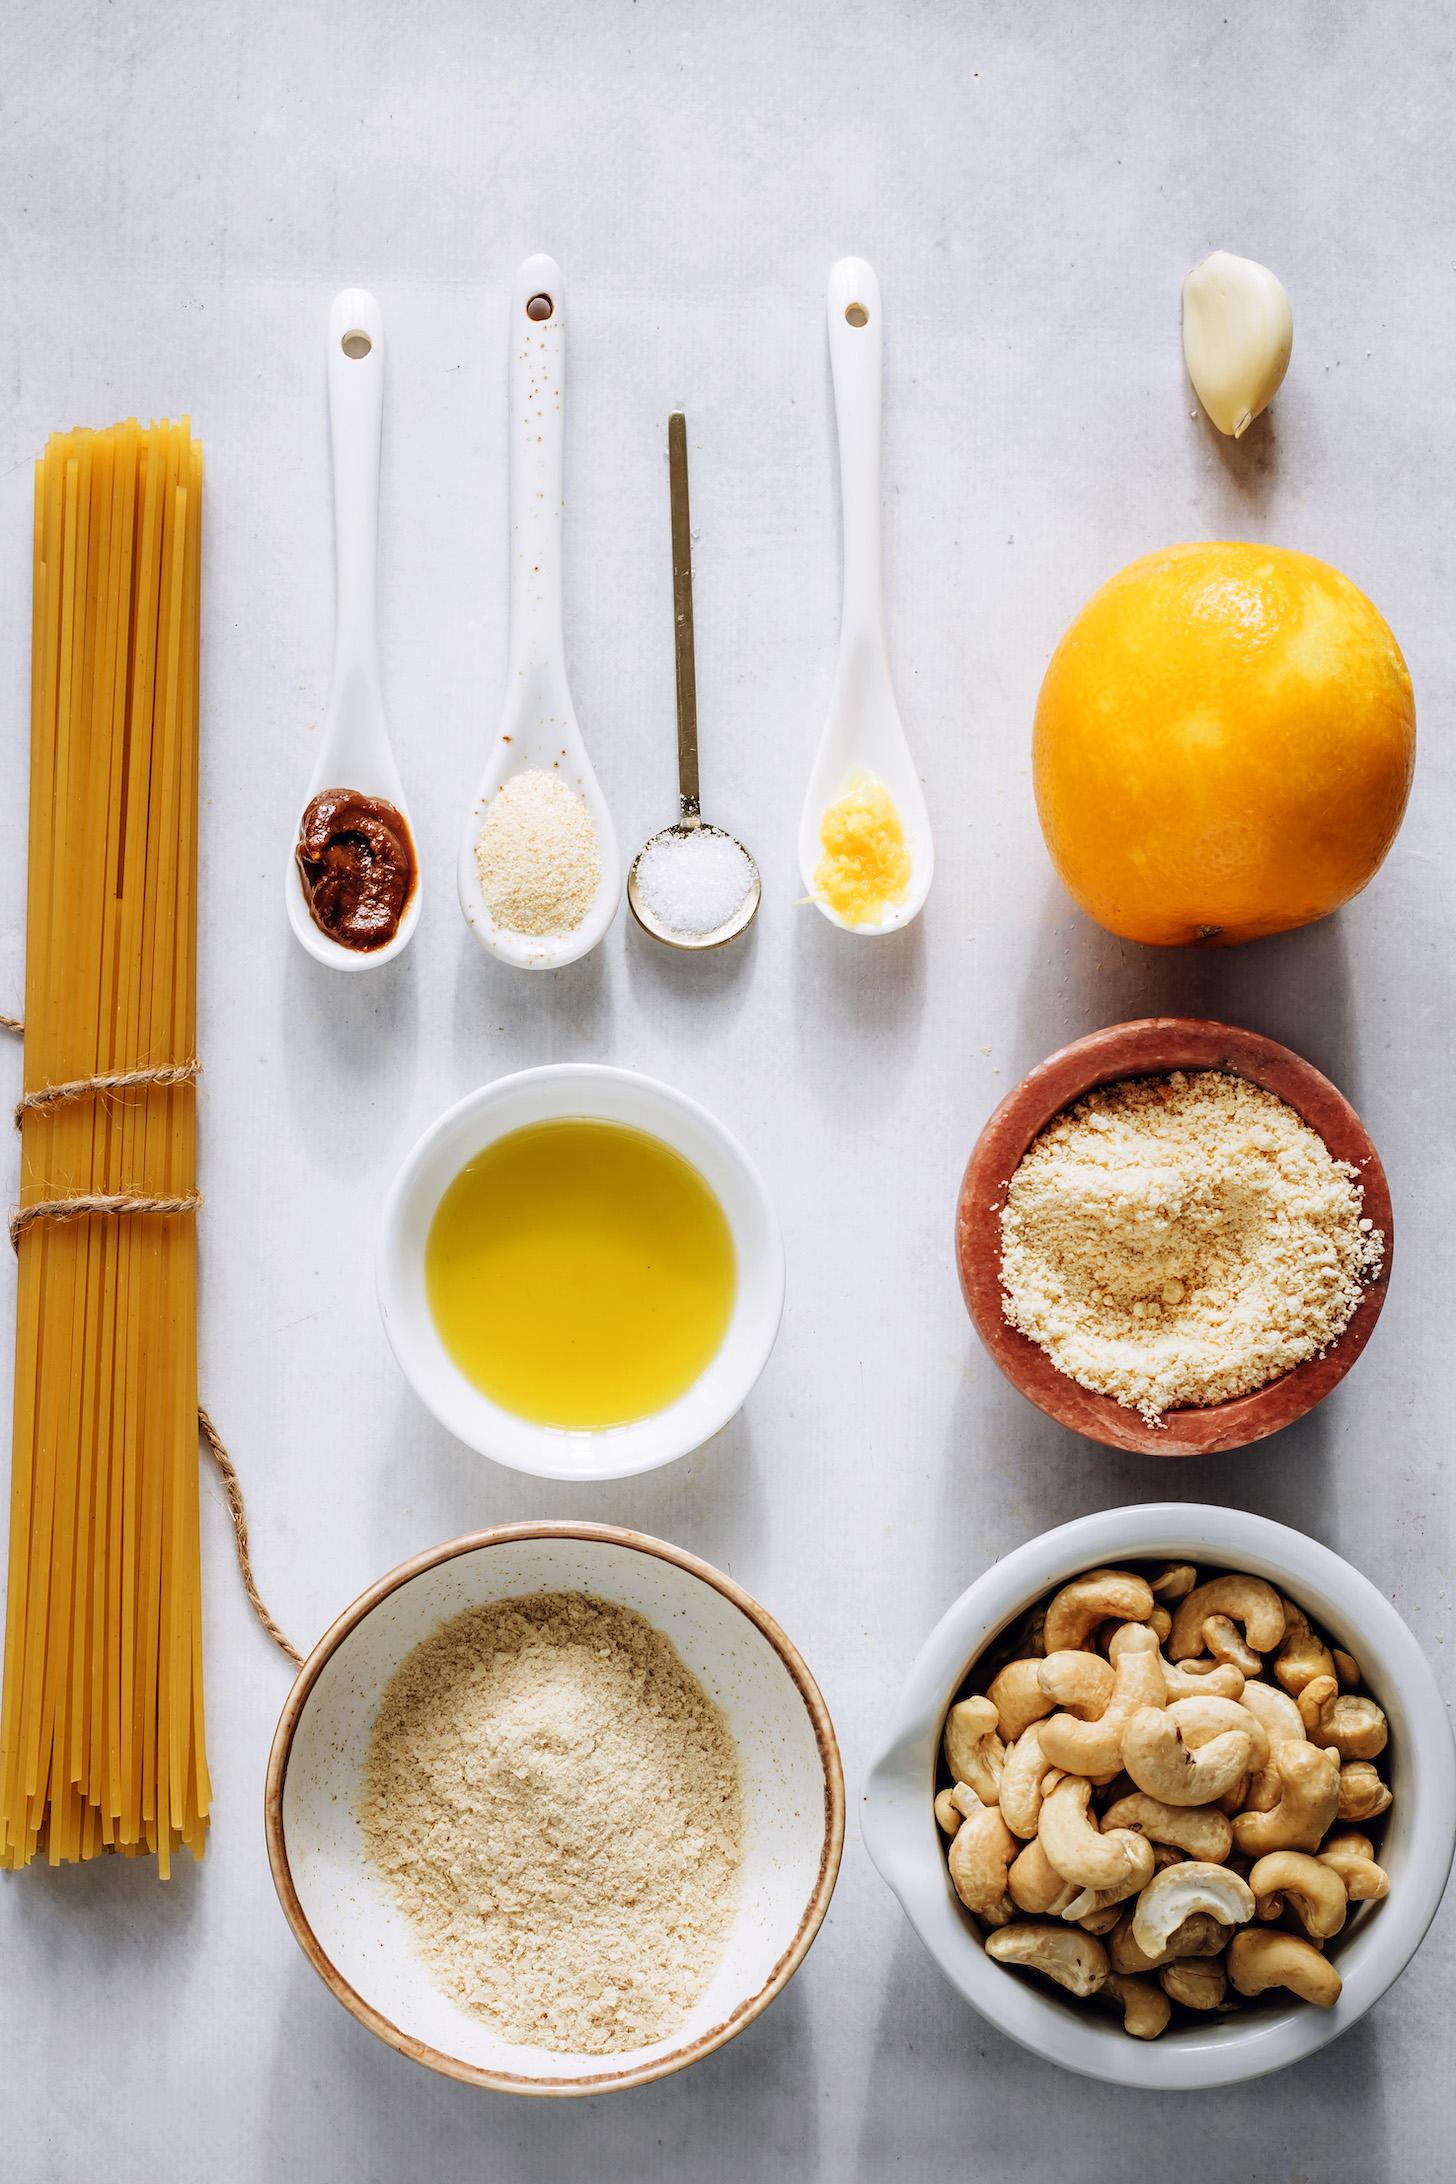 Fideos de espagueti, miso, levadura nutricional, sal marina, limón, ajo, parmesano vegano, anacardos y aceite de oliva